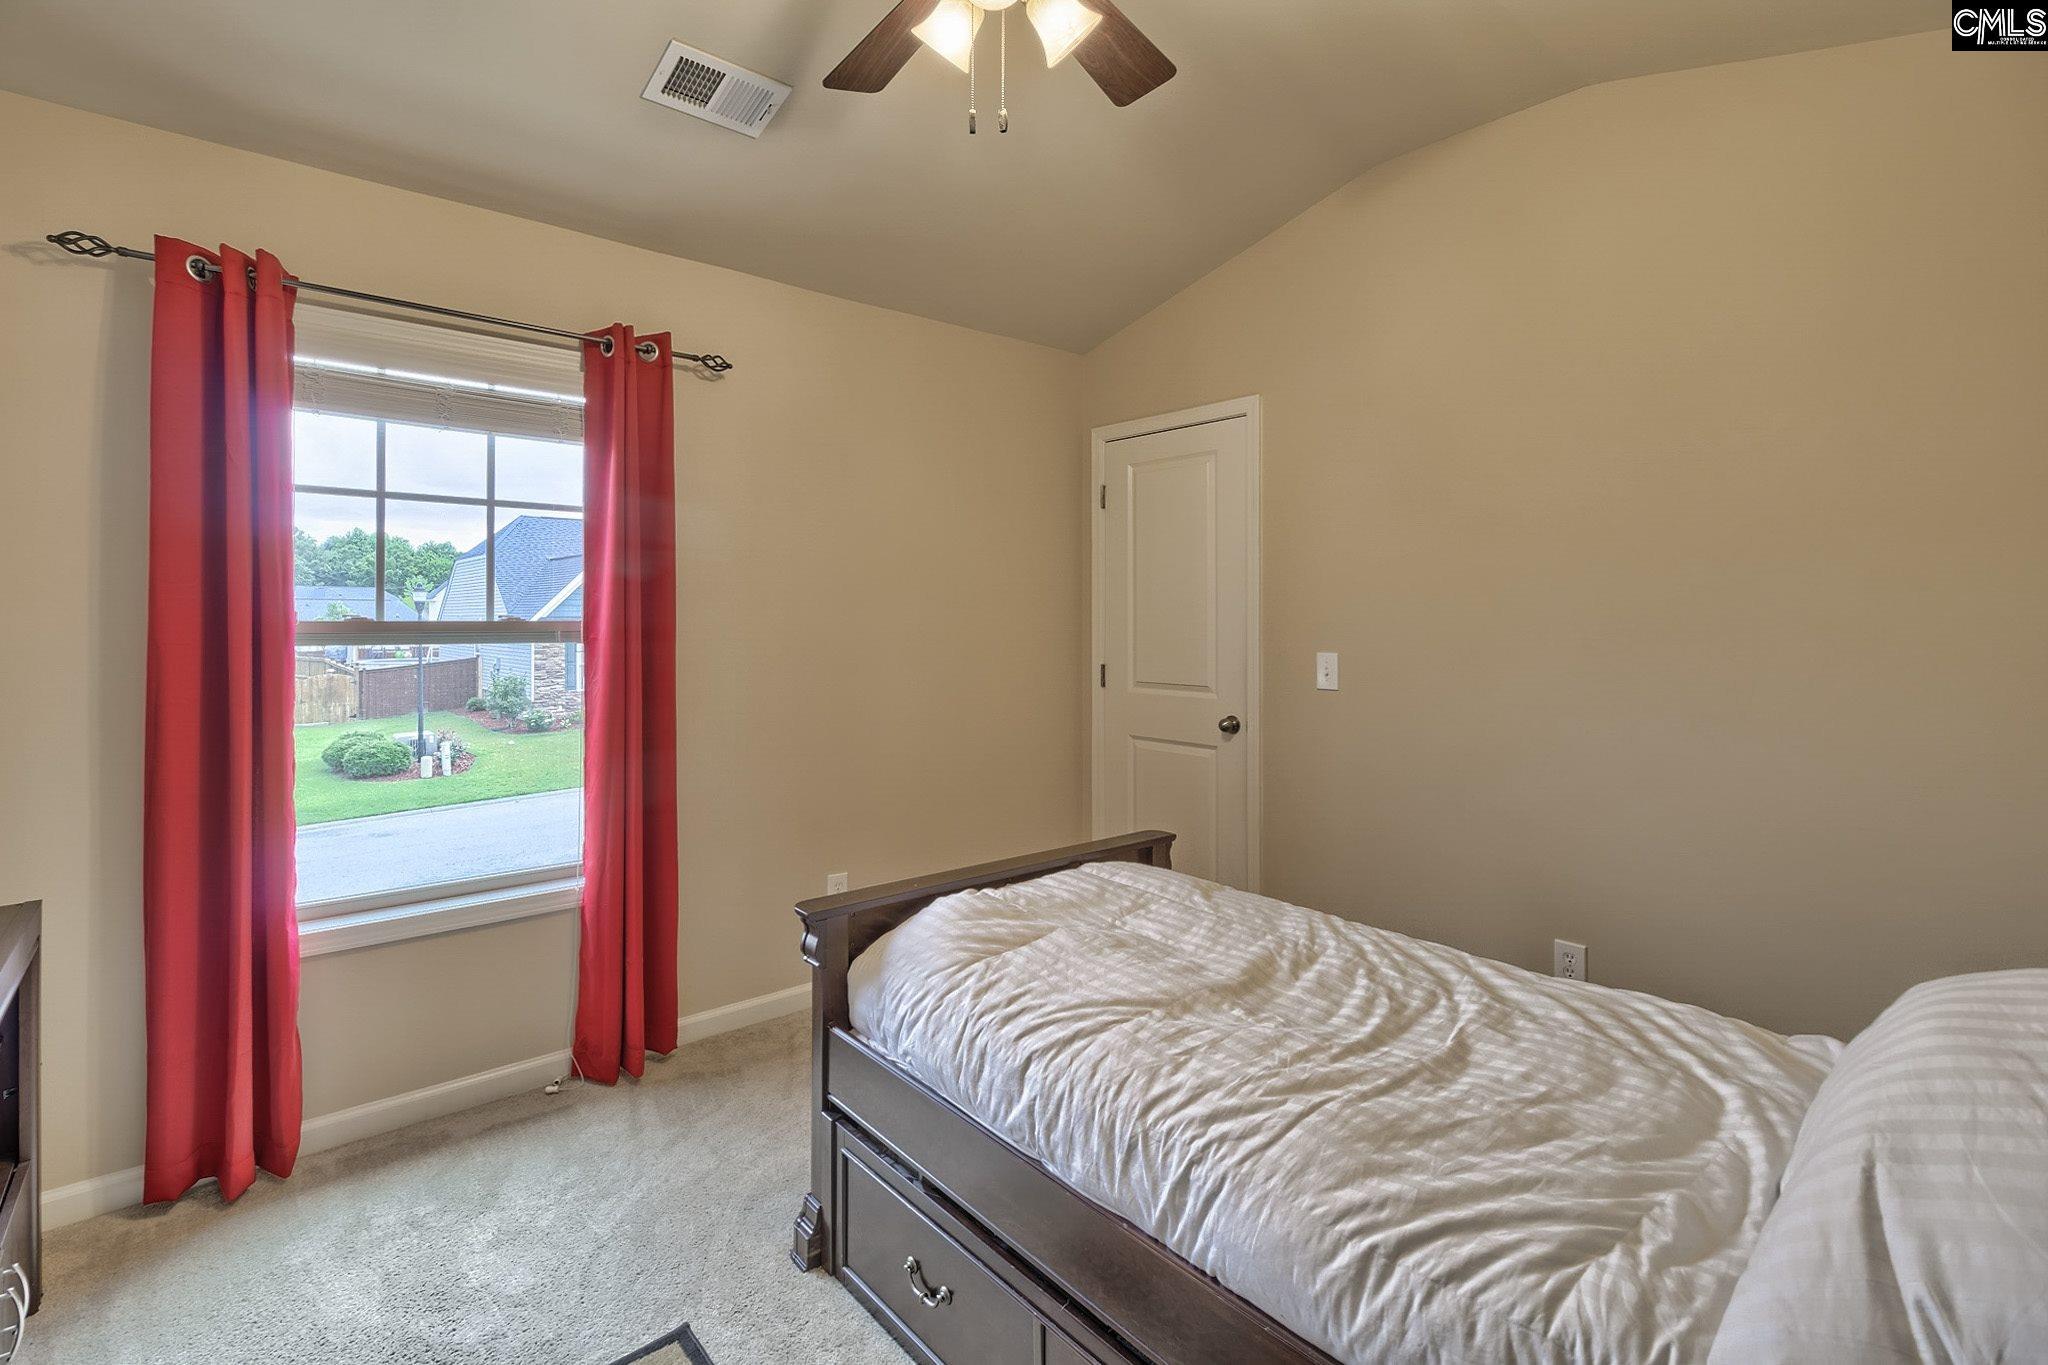 231 Peach Hill Lexington, SC 29072